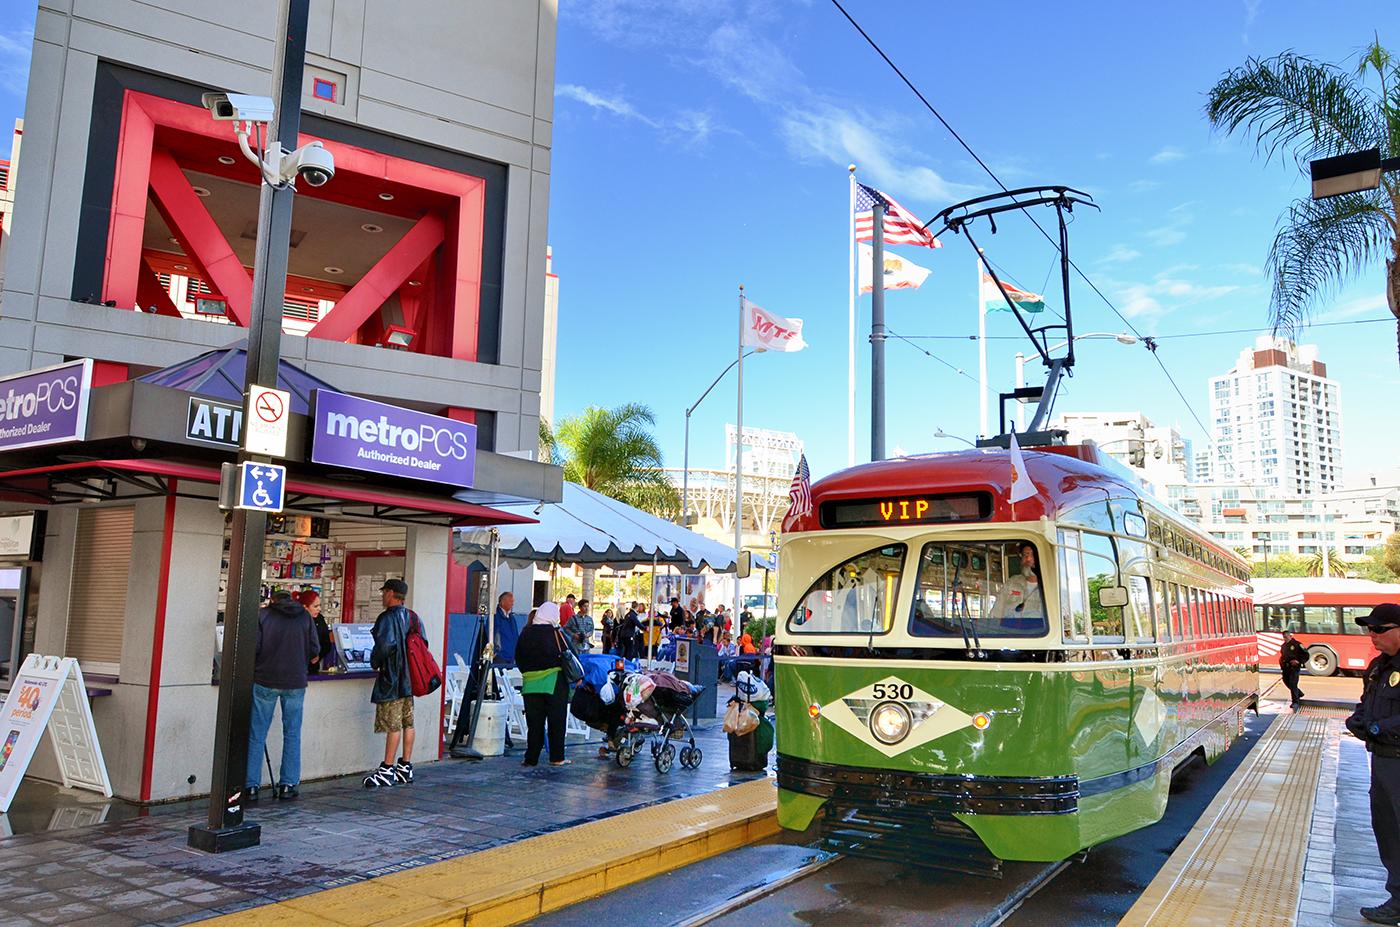 Balboa Park Centennial Car #530